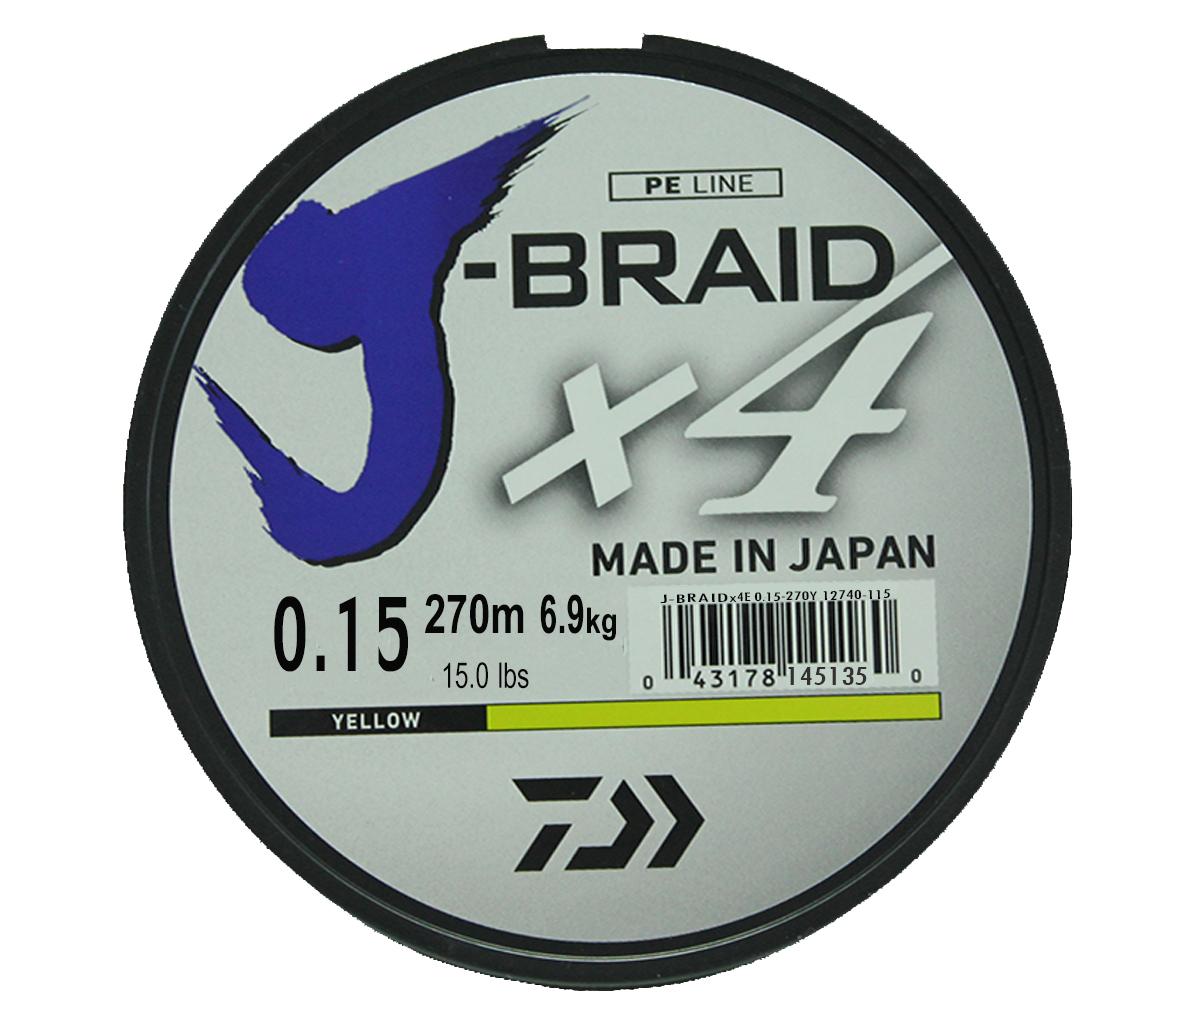 Шнур плетеный Daiwa J-Braid X4, цвет: флуоресцентный желтый, 270 м, 0,15 мм010-01199-23Новый 4х жильный шнур J-Braid, DAIWA - шнур высокого класса с удивительным соотношением цены и качества. Качество плетения полностьюсоответствует японским стандартам и удовлетворяет всем требованиям. Представленные диаметры позволяют использовать шнур для всех техникловли, начиная от ultra- light ловли окуня, до морской ловли палтуса, трески и т.д